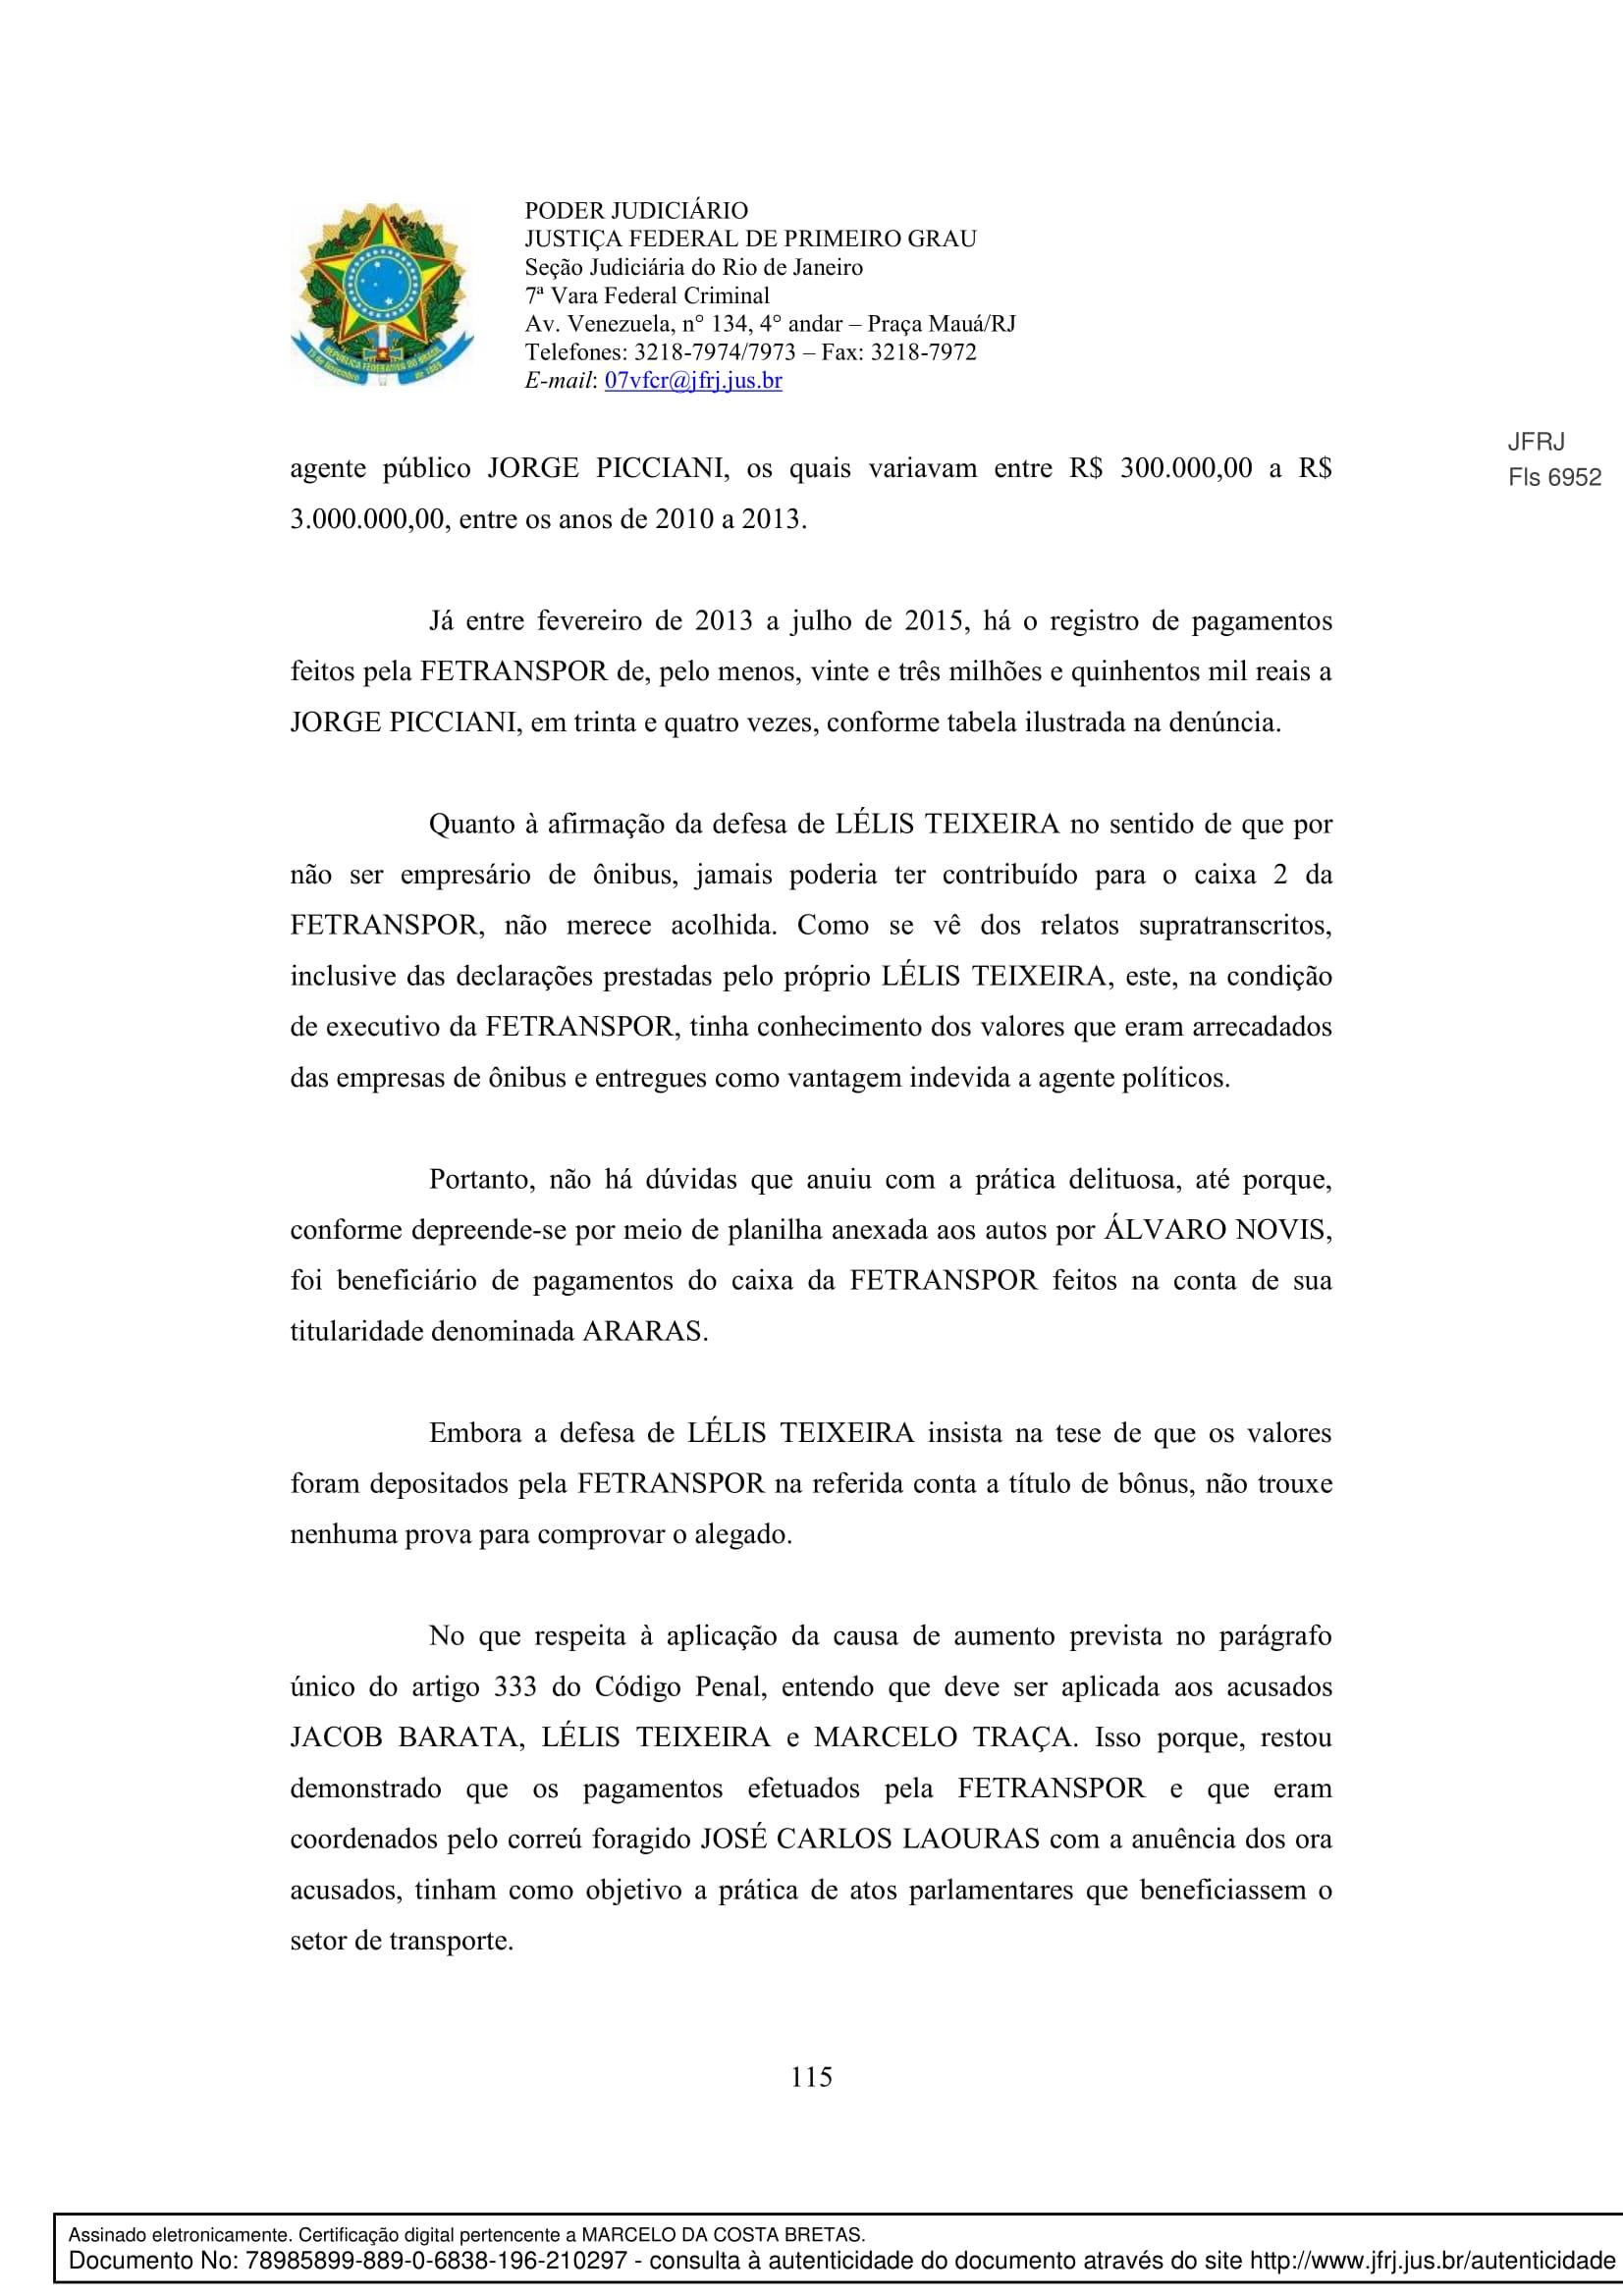 Sentenca-Cadeia-Velha-7VFC-115